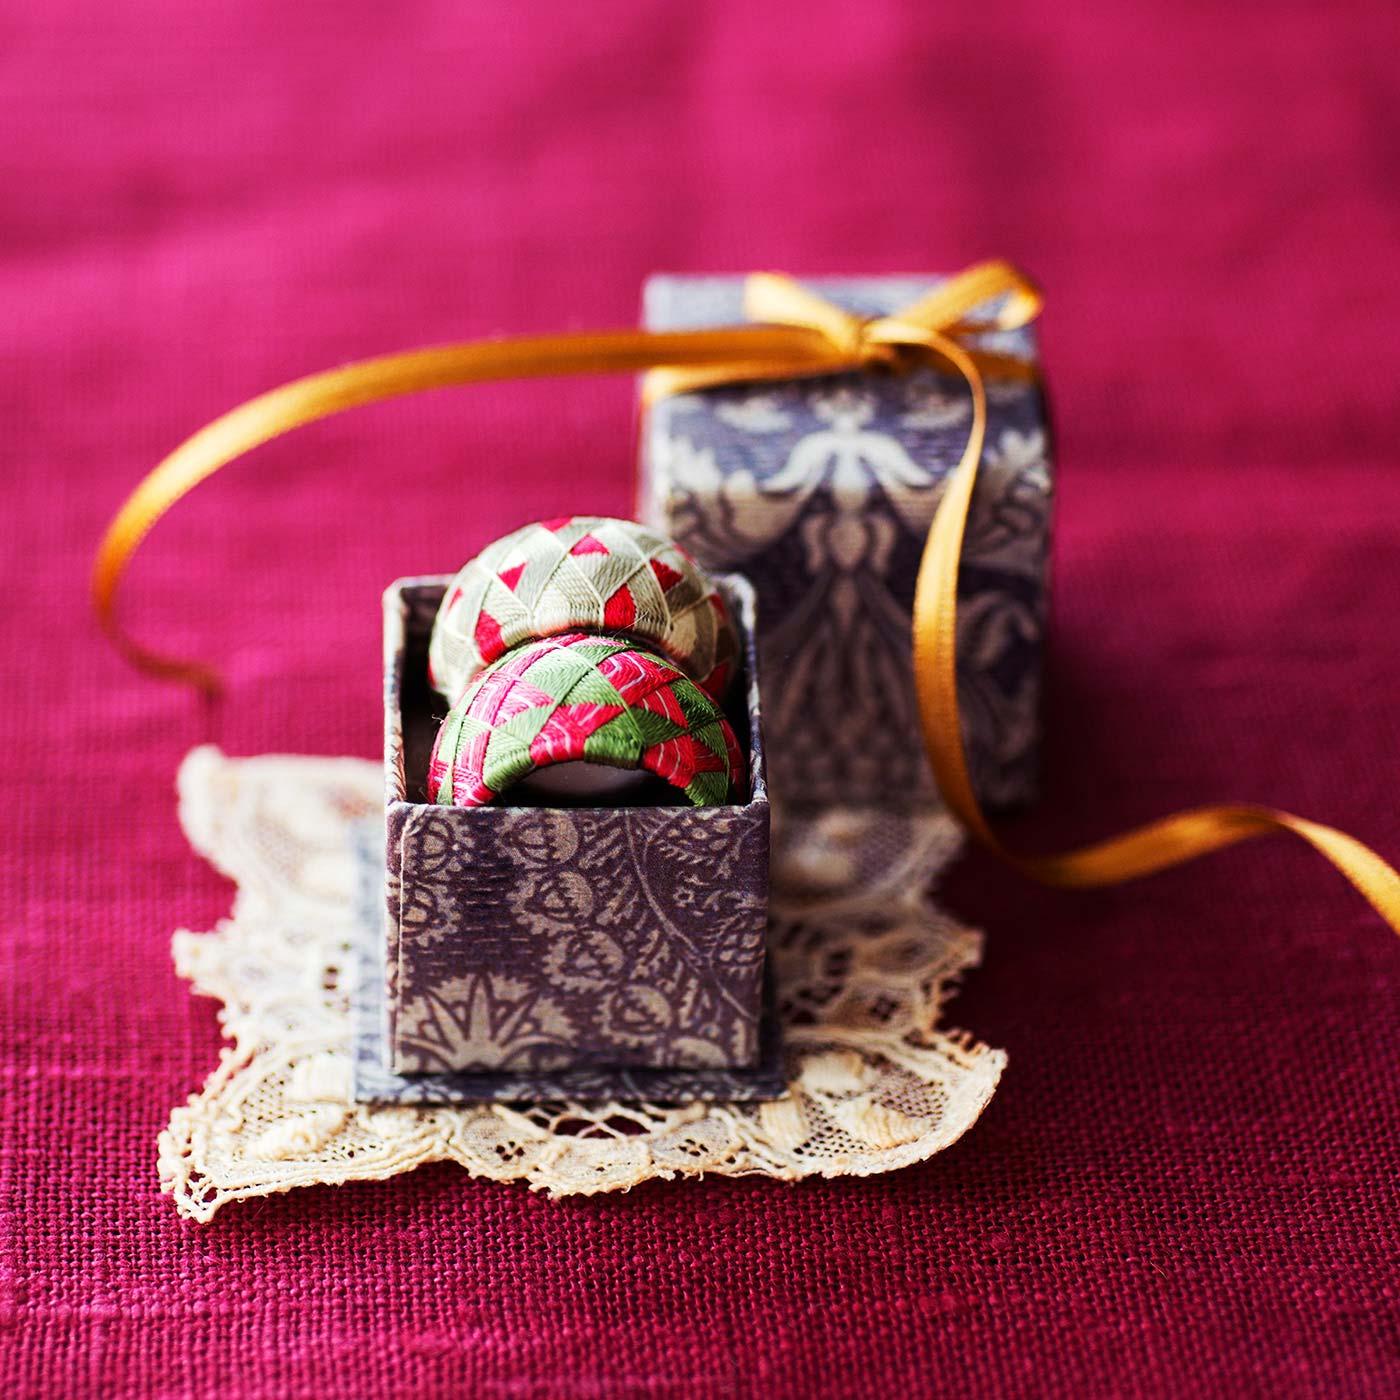 金沢を中心に手づくりされてきた裁縫道具は、母から娘へのプレゼントにもぴったり。